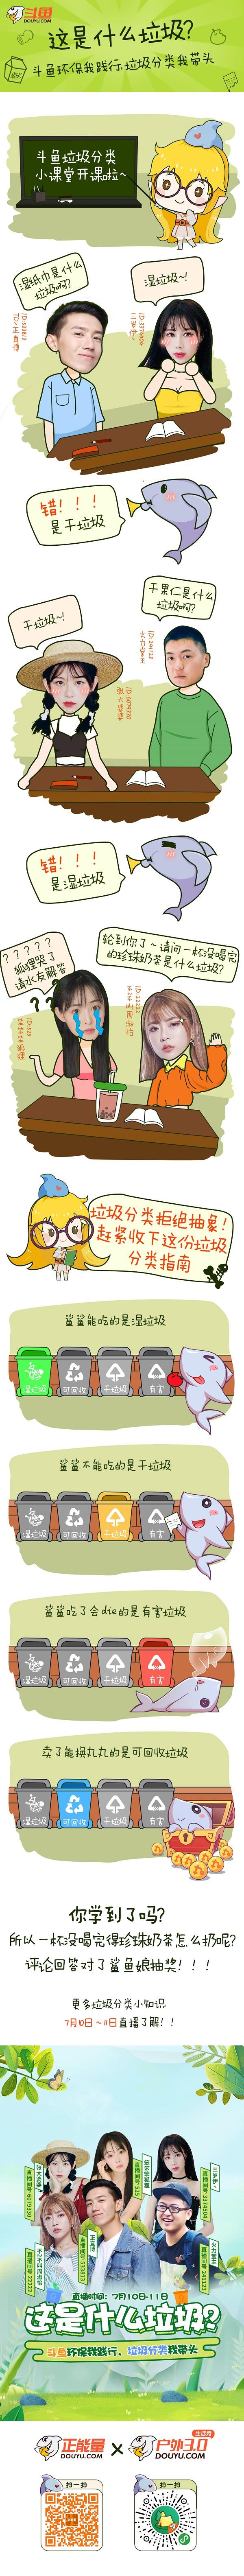 斗鱼垃圾分类小课堂开课了 你知道这是什么垃圾吗